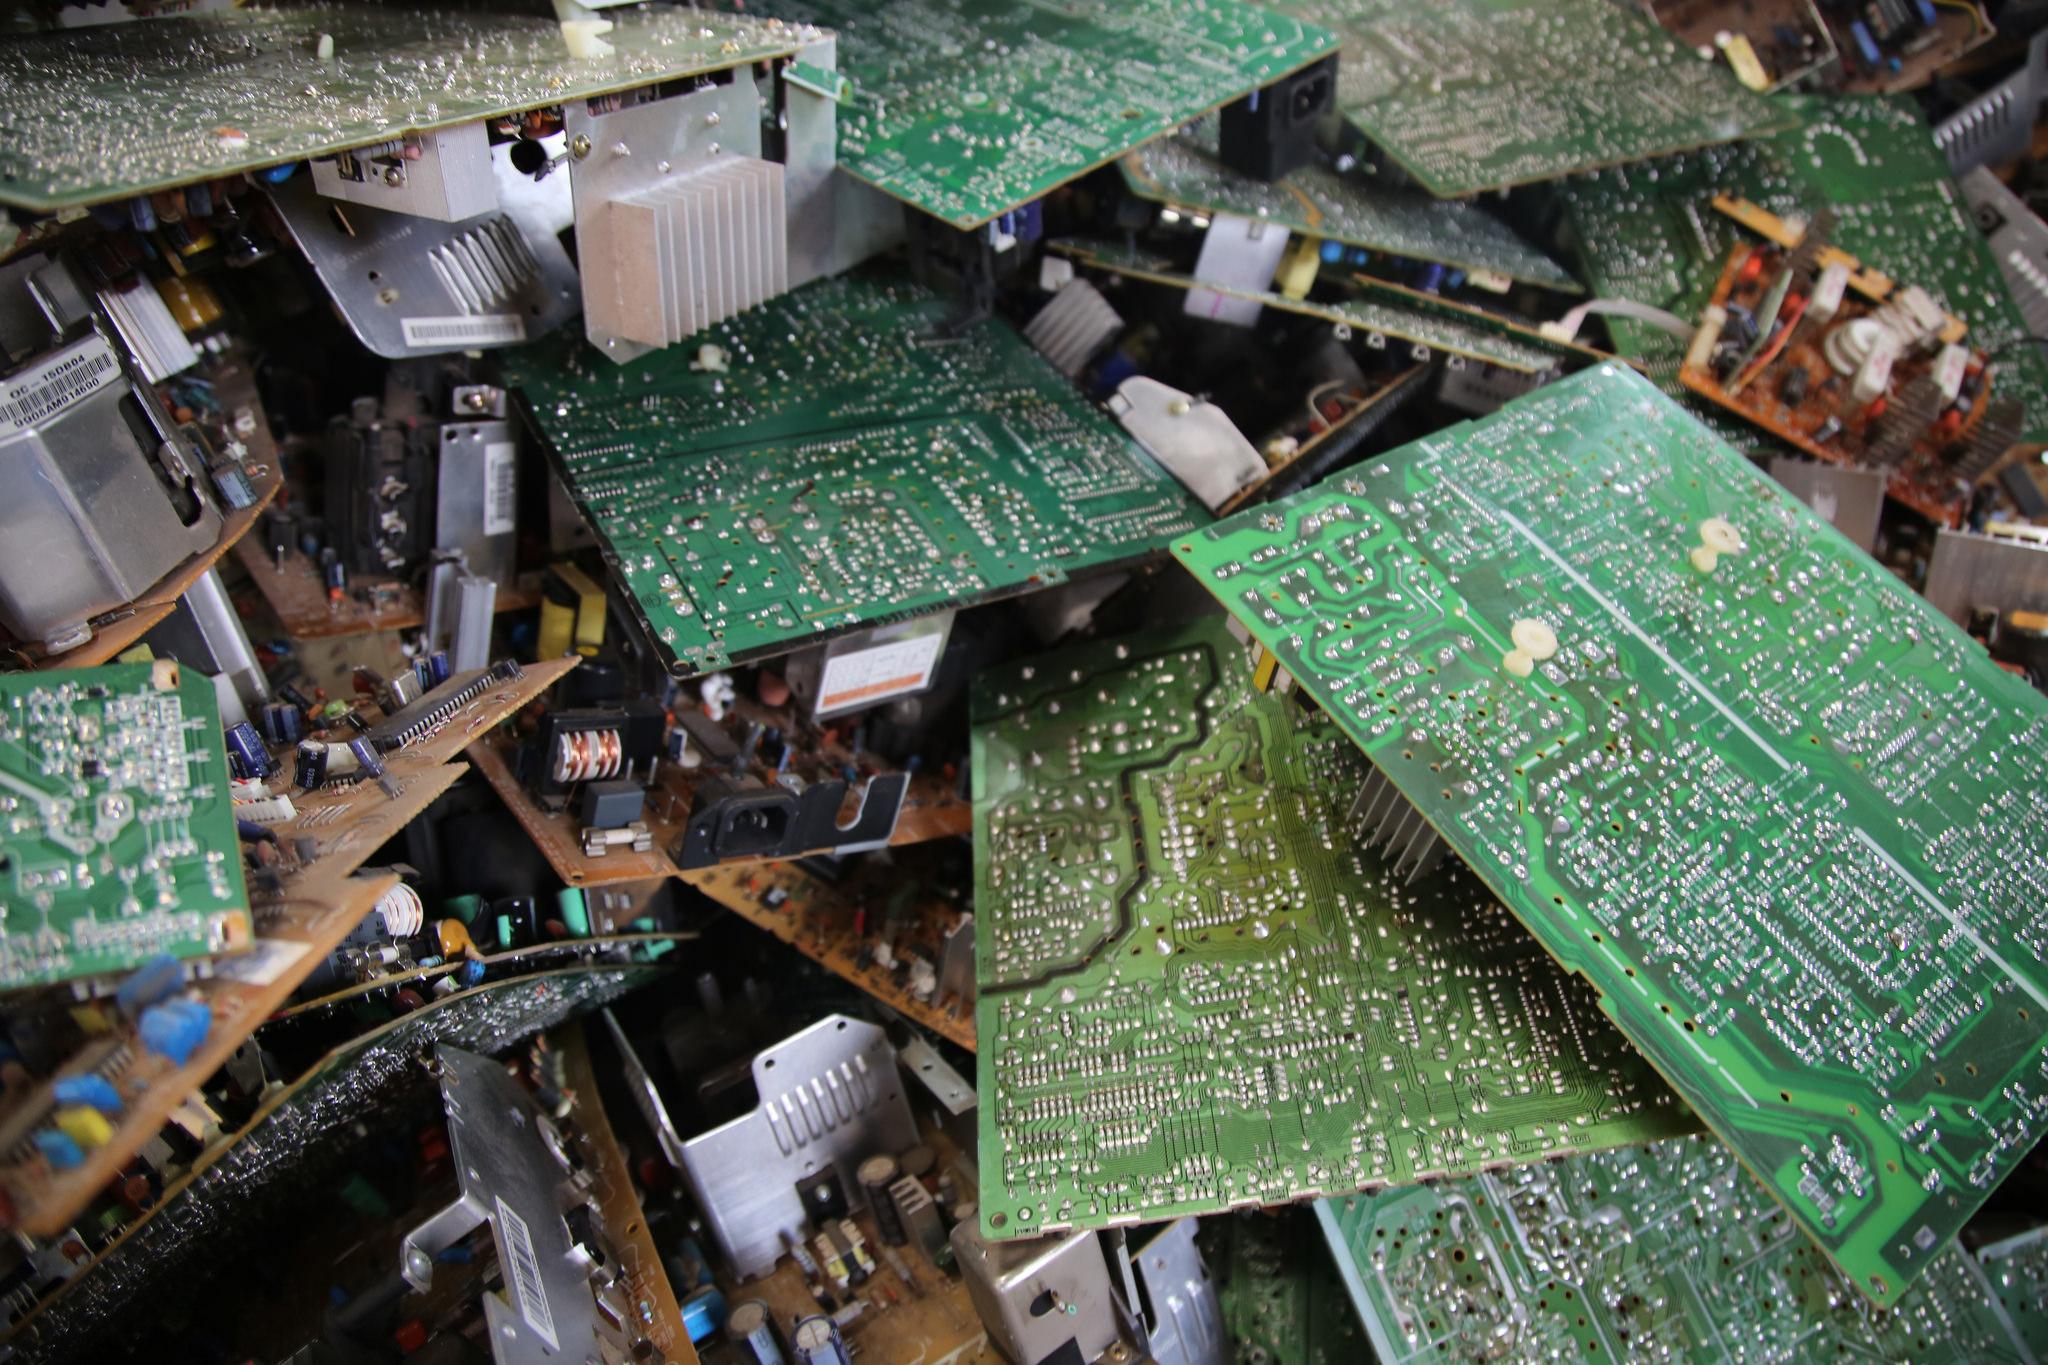 Le Gouvernement thaïlandais veut interdire complètement l'importation de déchets plastiques et électroniques d'ici deux ans